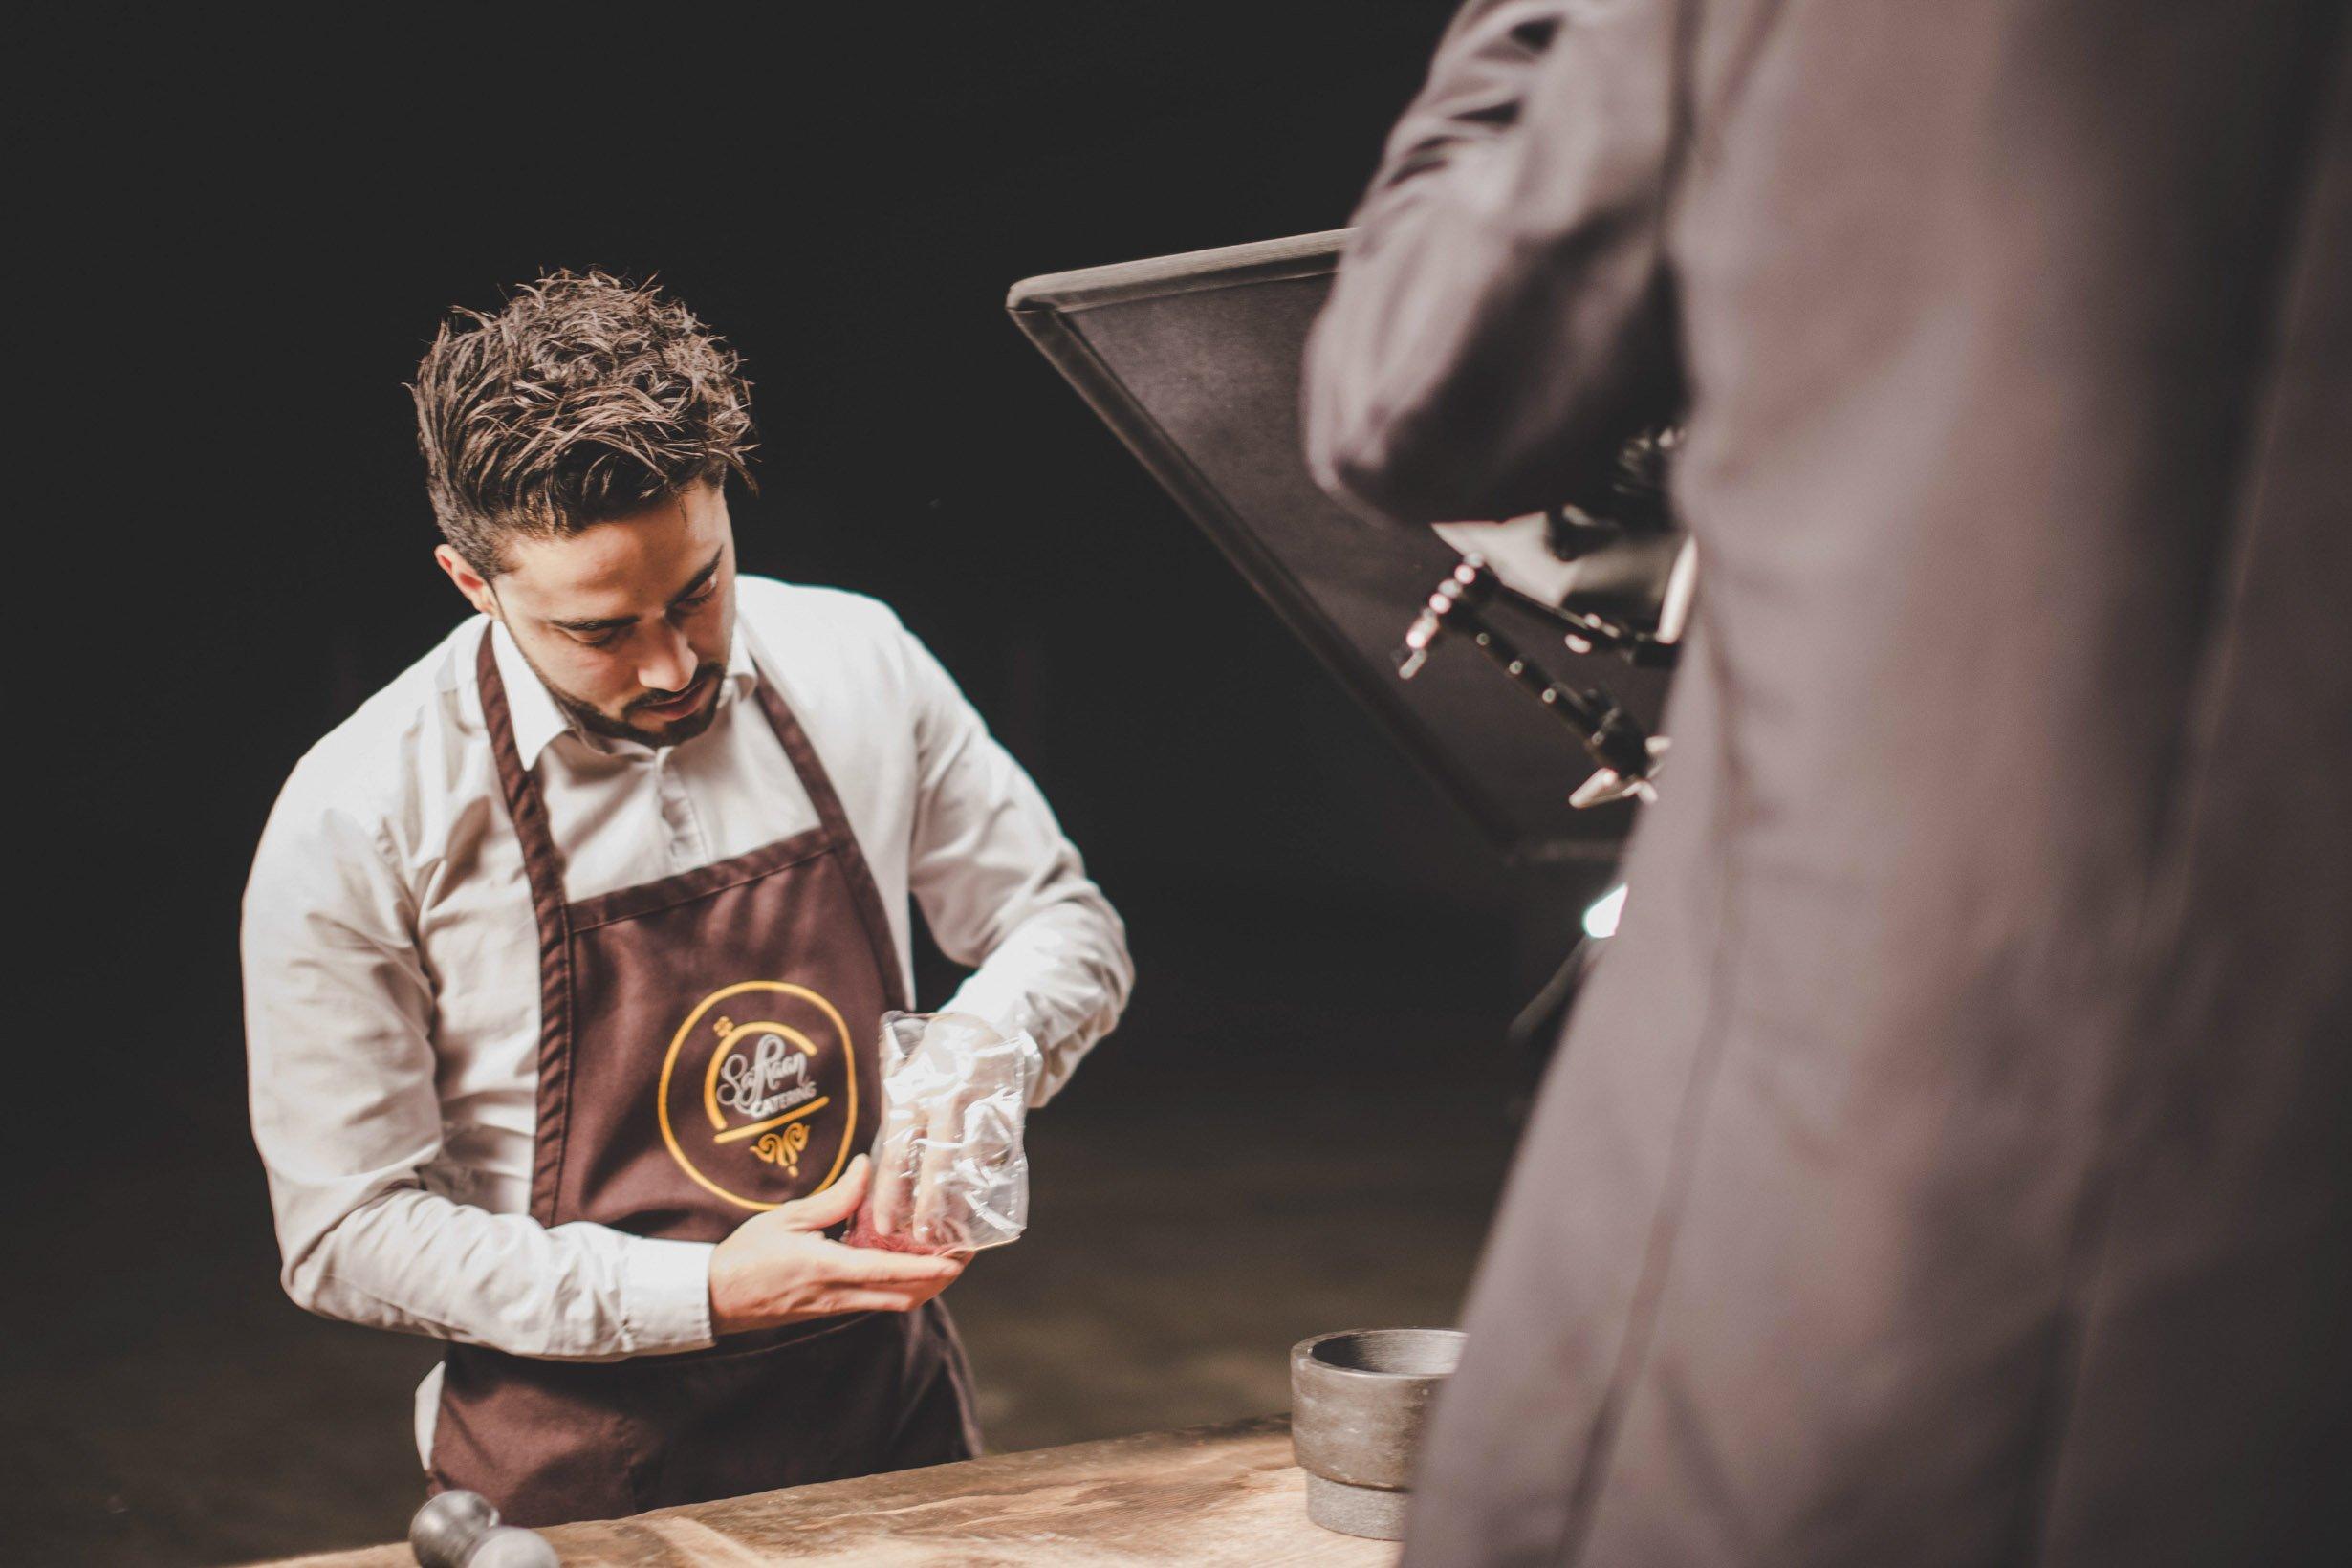 Saffraan Catering visie film shoot aan buffet tafel